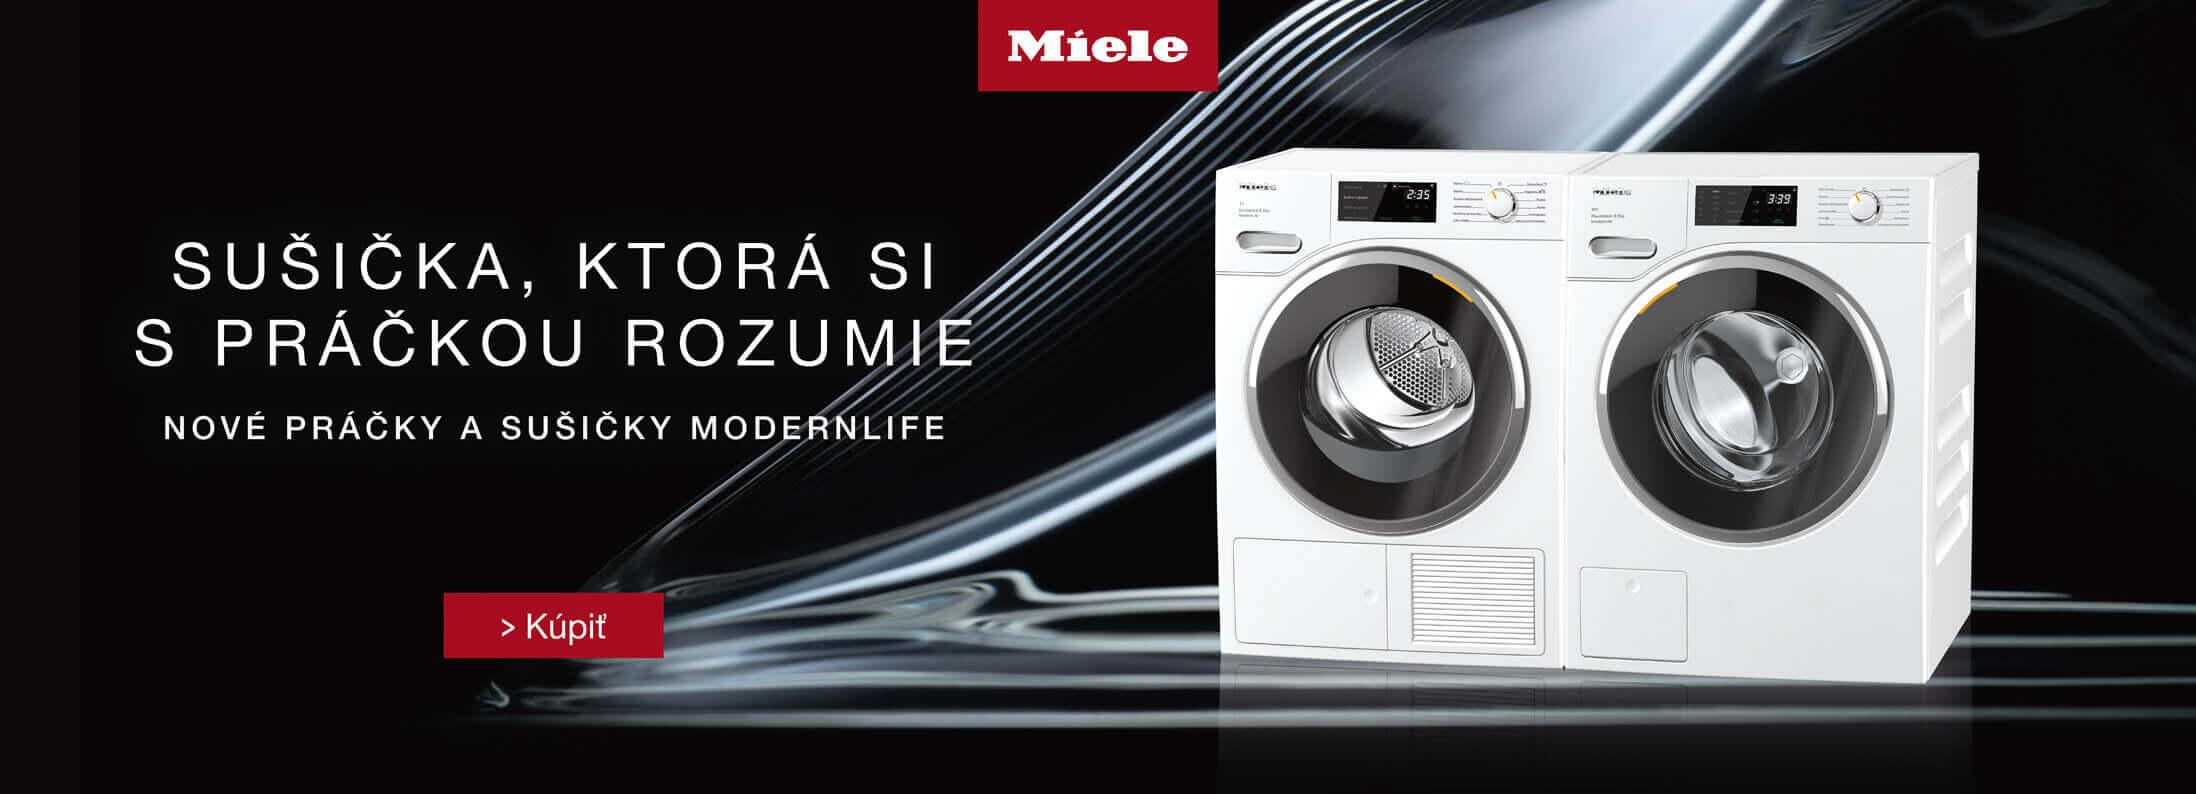 Miele - Nové práčky a sušičky Miele ModernLife